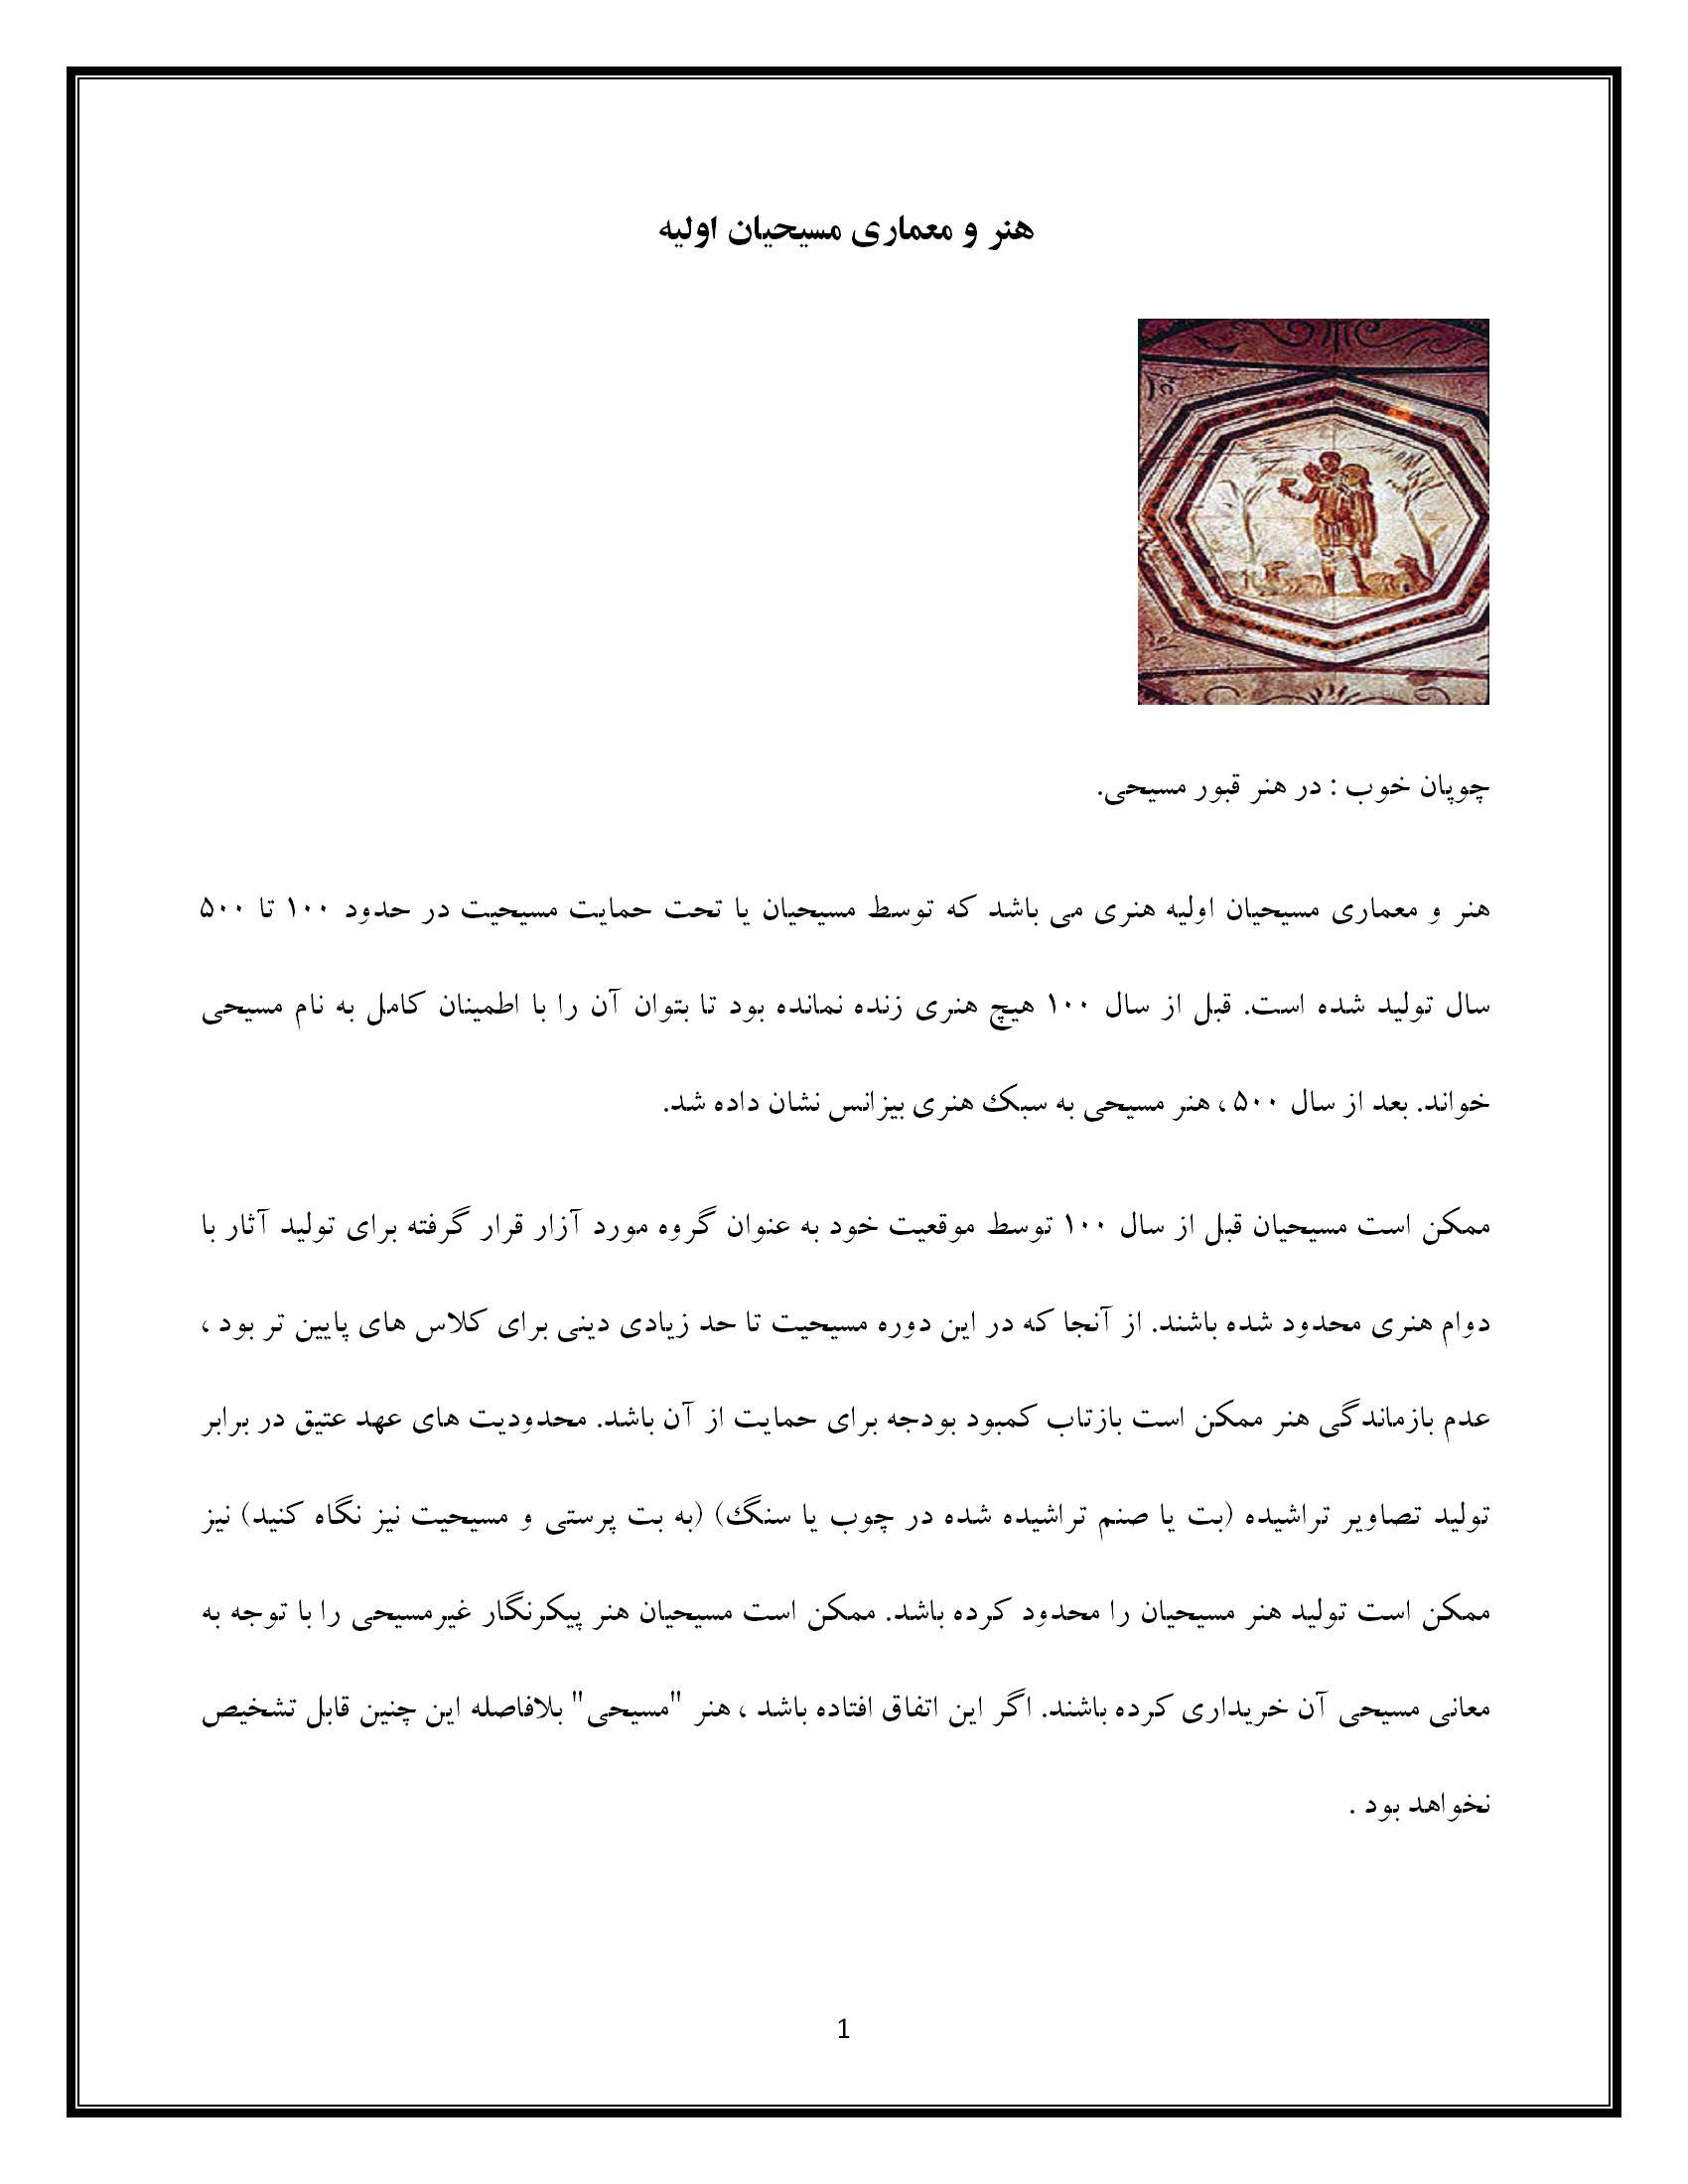 ترجمه مقاله و تحقیق - هنر و معماری مسیحیان اوليه 5